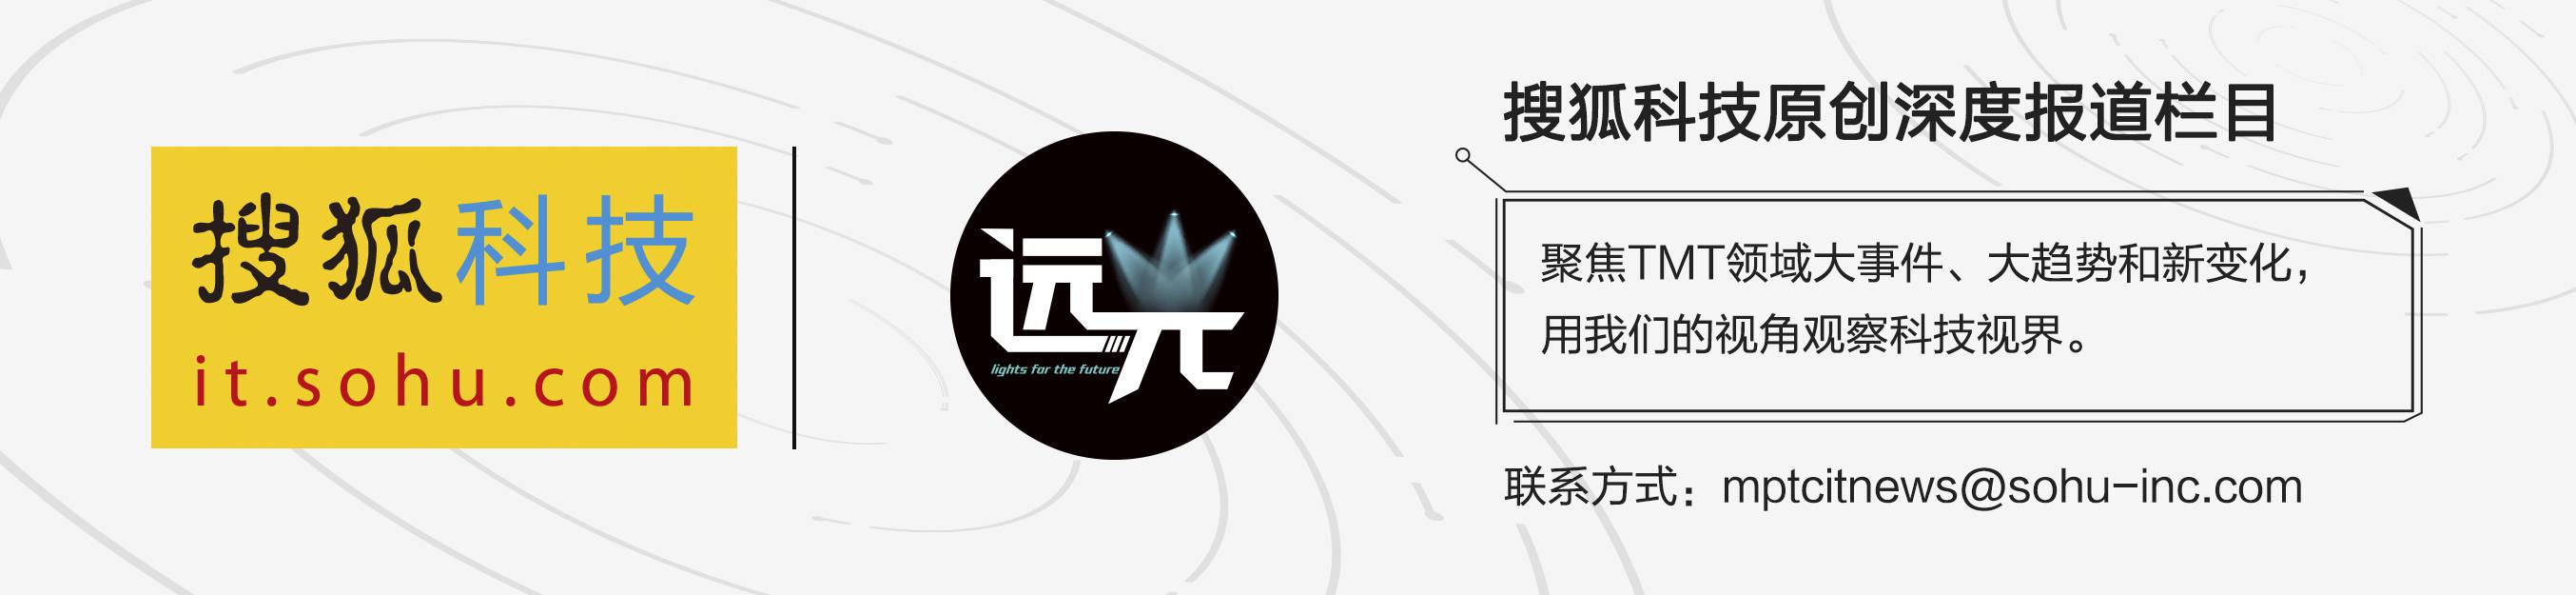 虾米关停,网易云音乐来到十字路口:砸钱一年MAU不升反降,在线音乐或迎终局